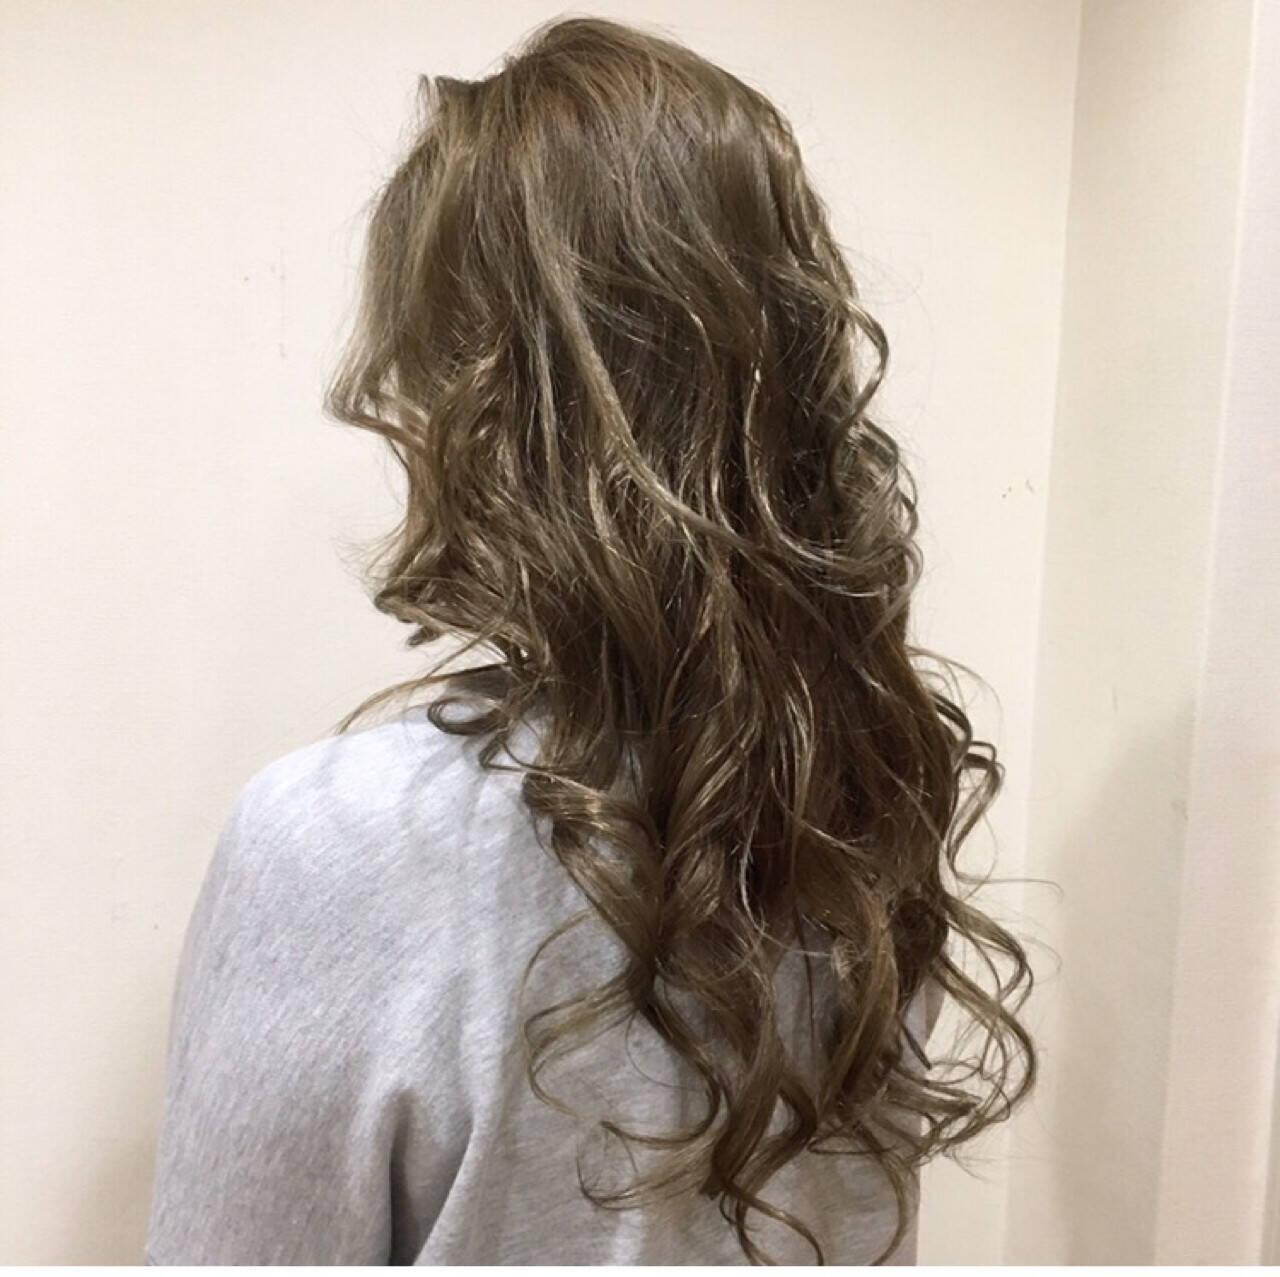 ナチュラル ハイライト 外国人風カラー ロングヘアスタイルや髪型の写真・画像